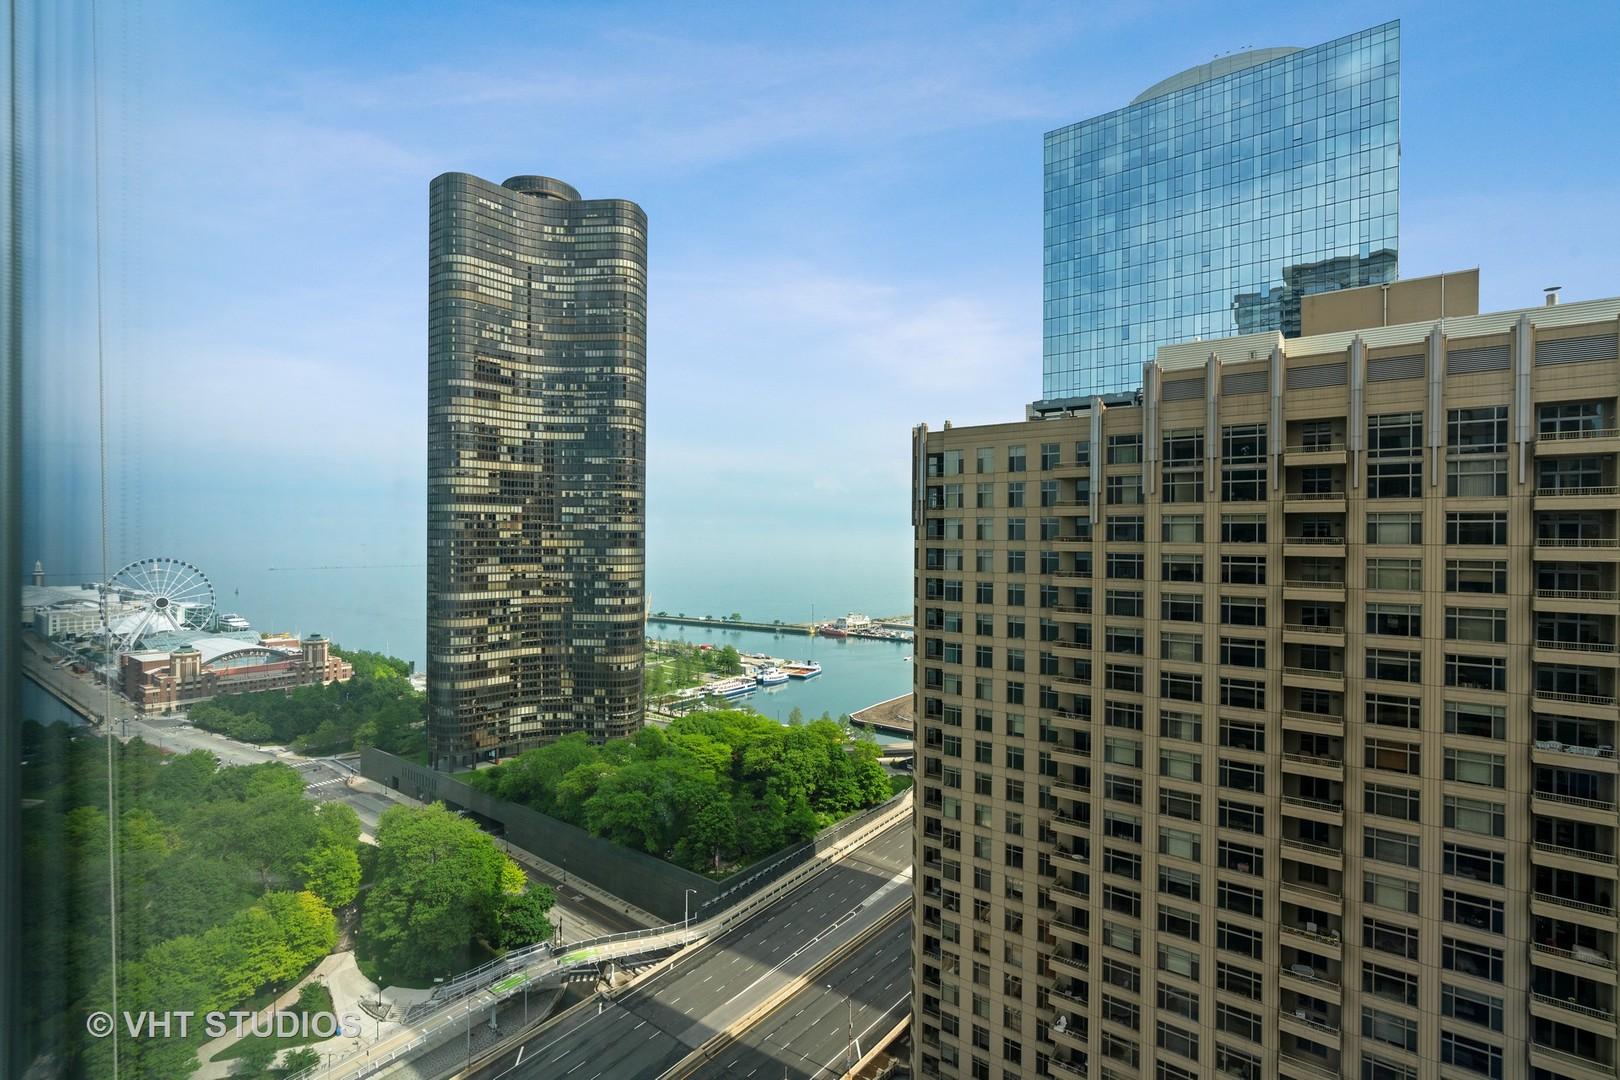 600 Lake Shore Unit Unit 2508 ,Chicago, Illinois 60611